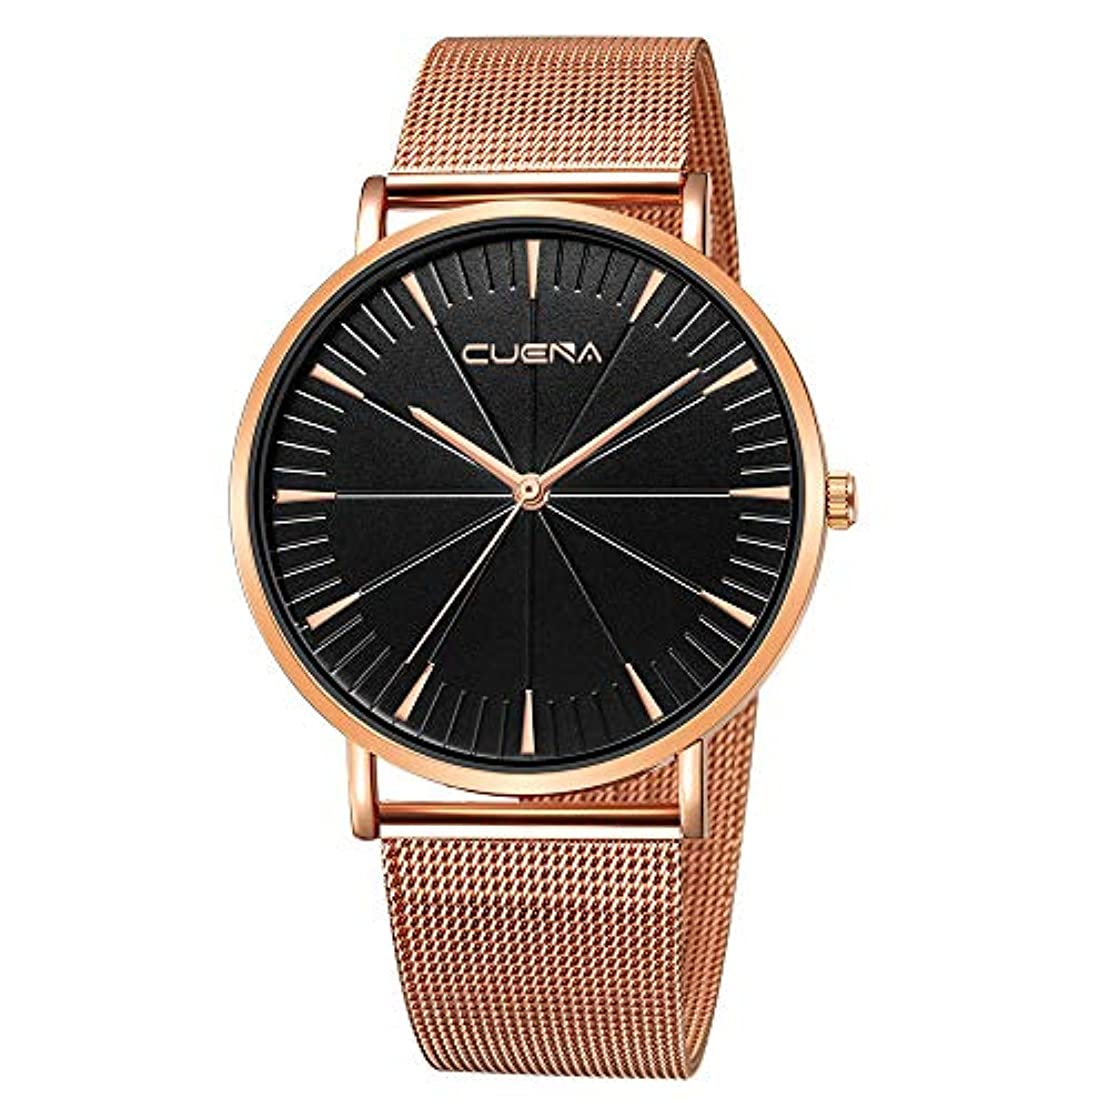 オープナーガラス犠牲Rencaifeinimo2019年最新 紳士用 超薄型 男女兼用 多機能 腕時計 人気 平日 ファッション メンズファッションミリタリーステンレススチールアナログスポーツクォーツビジネス腕時計